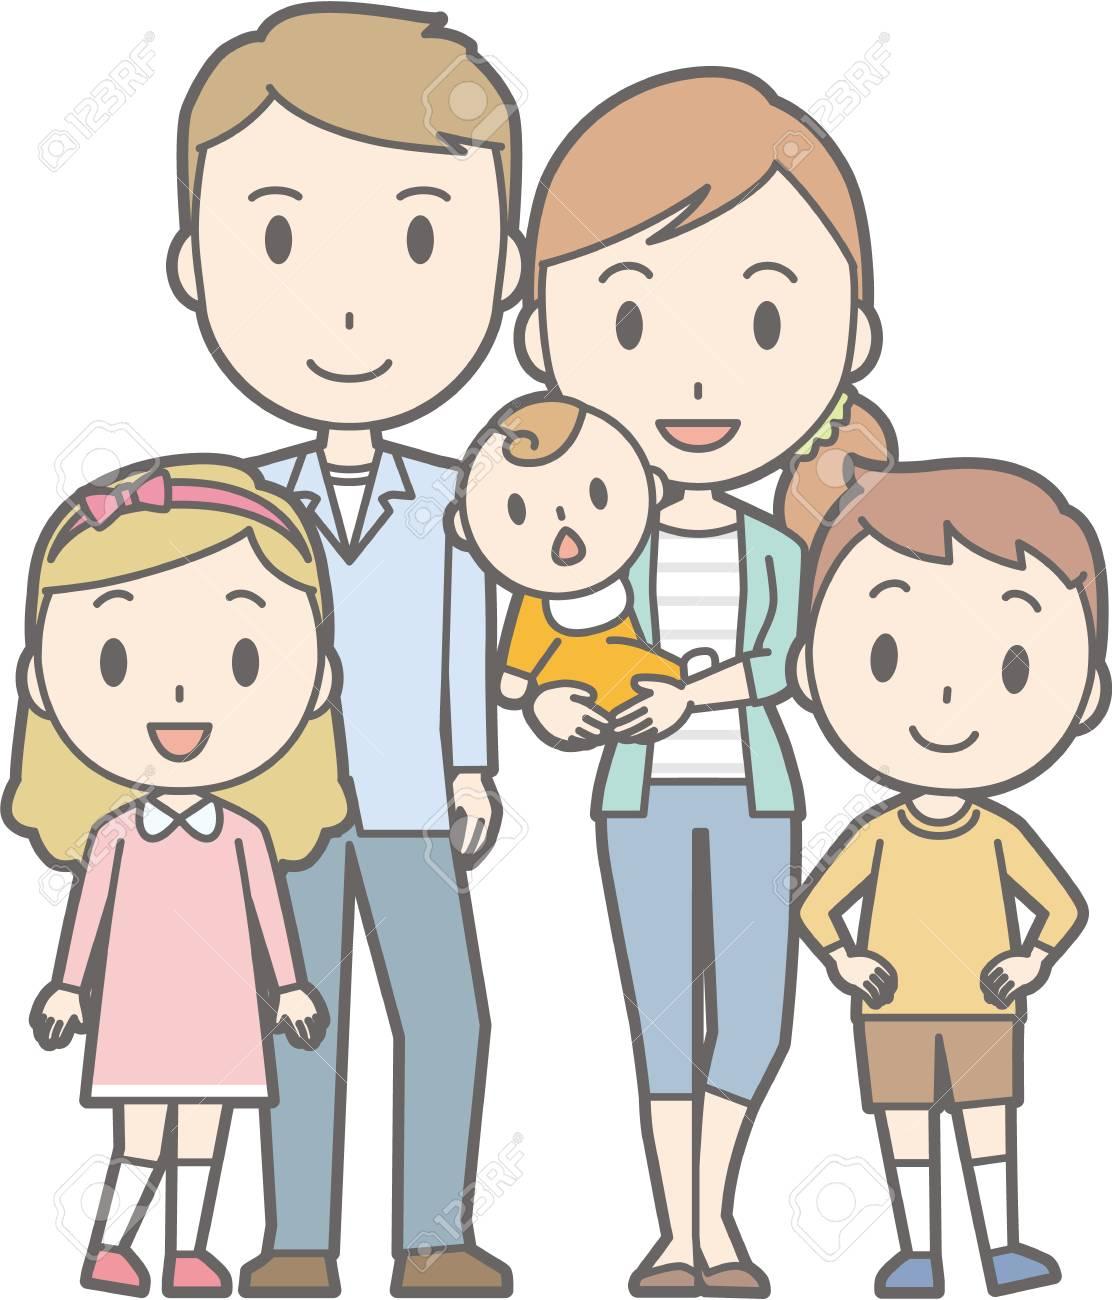 幸せな家族 No03 52 Generations の家族のイラスト素材ベクタ